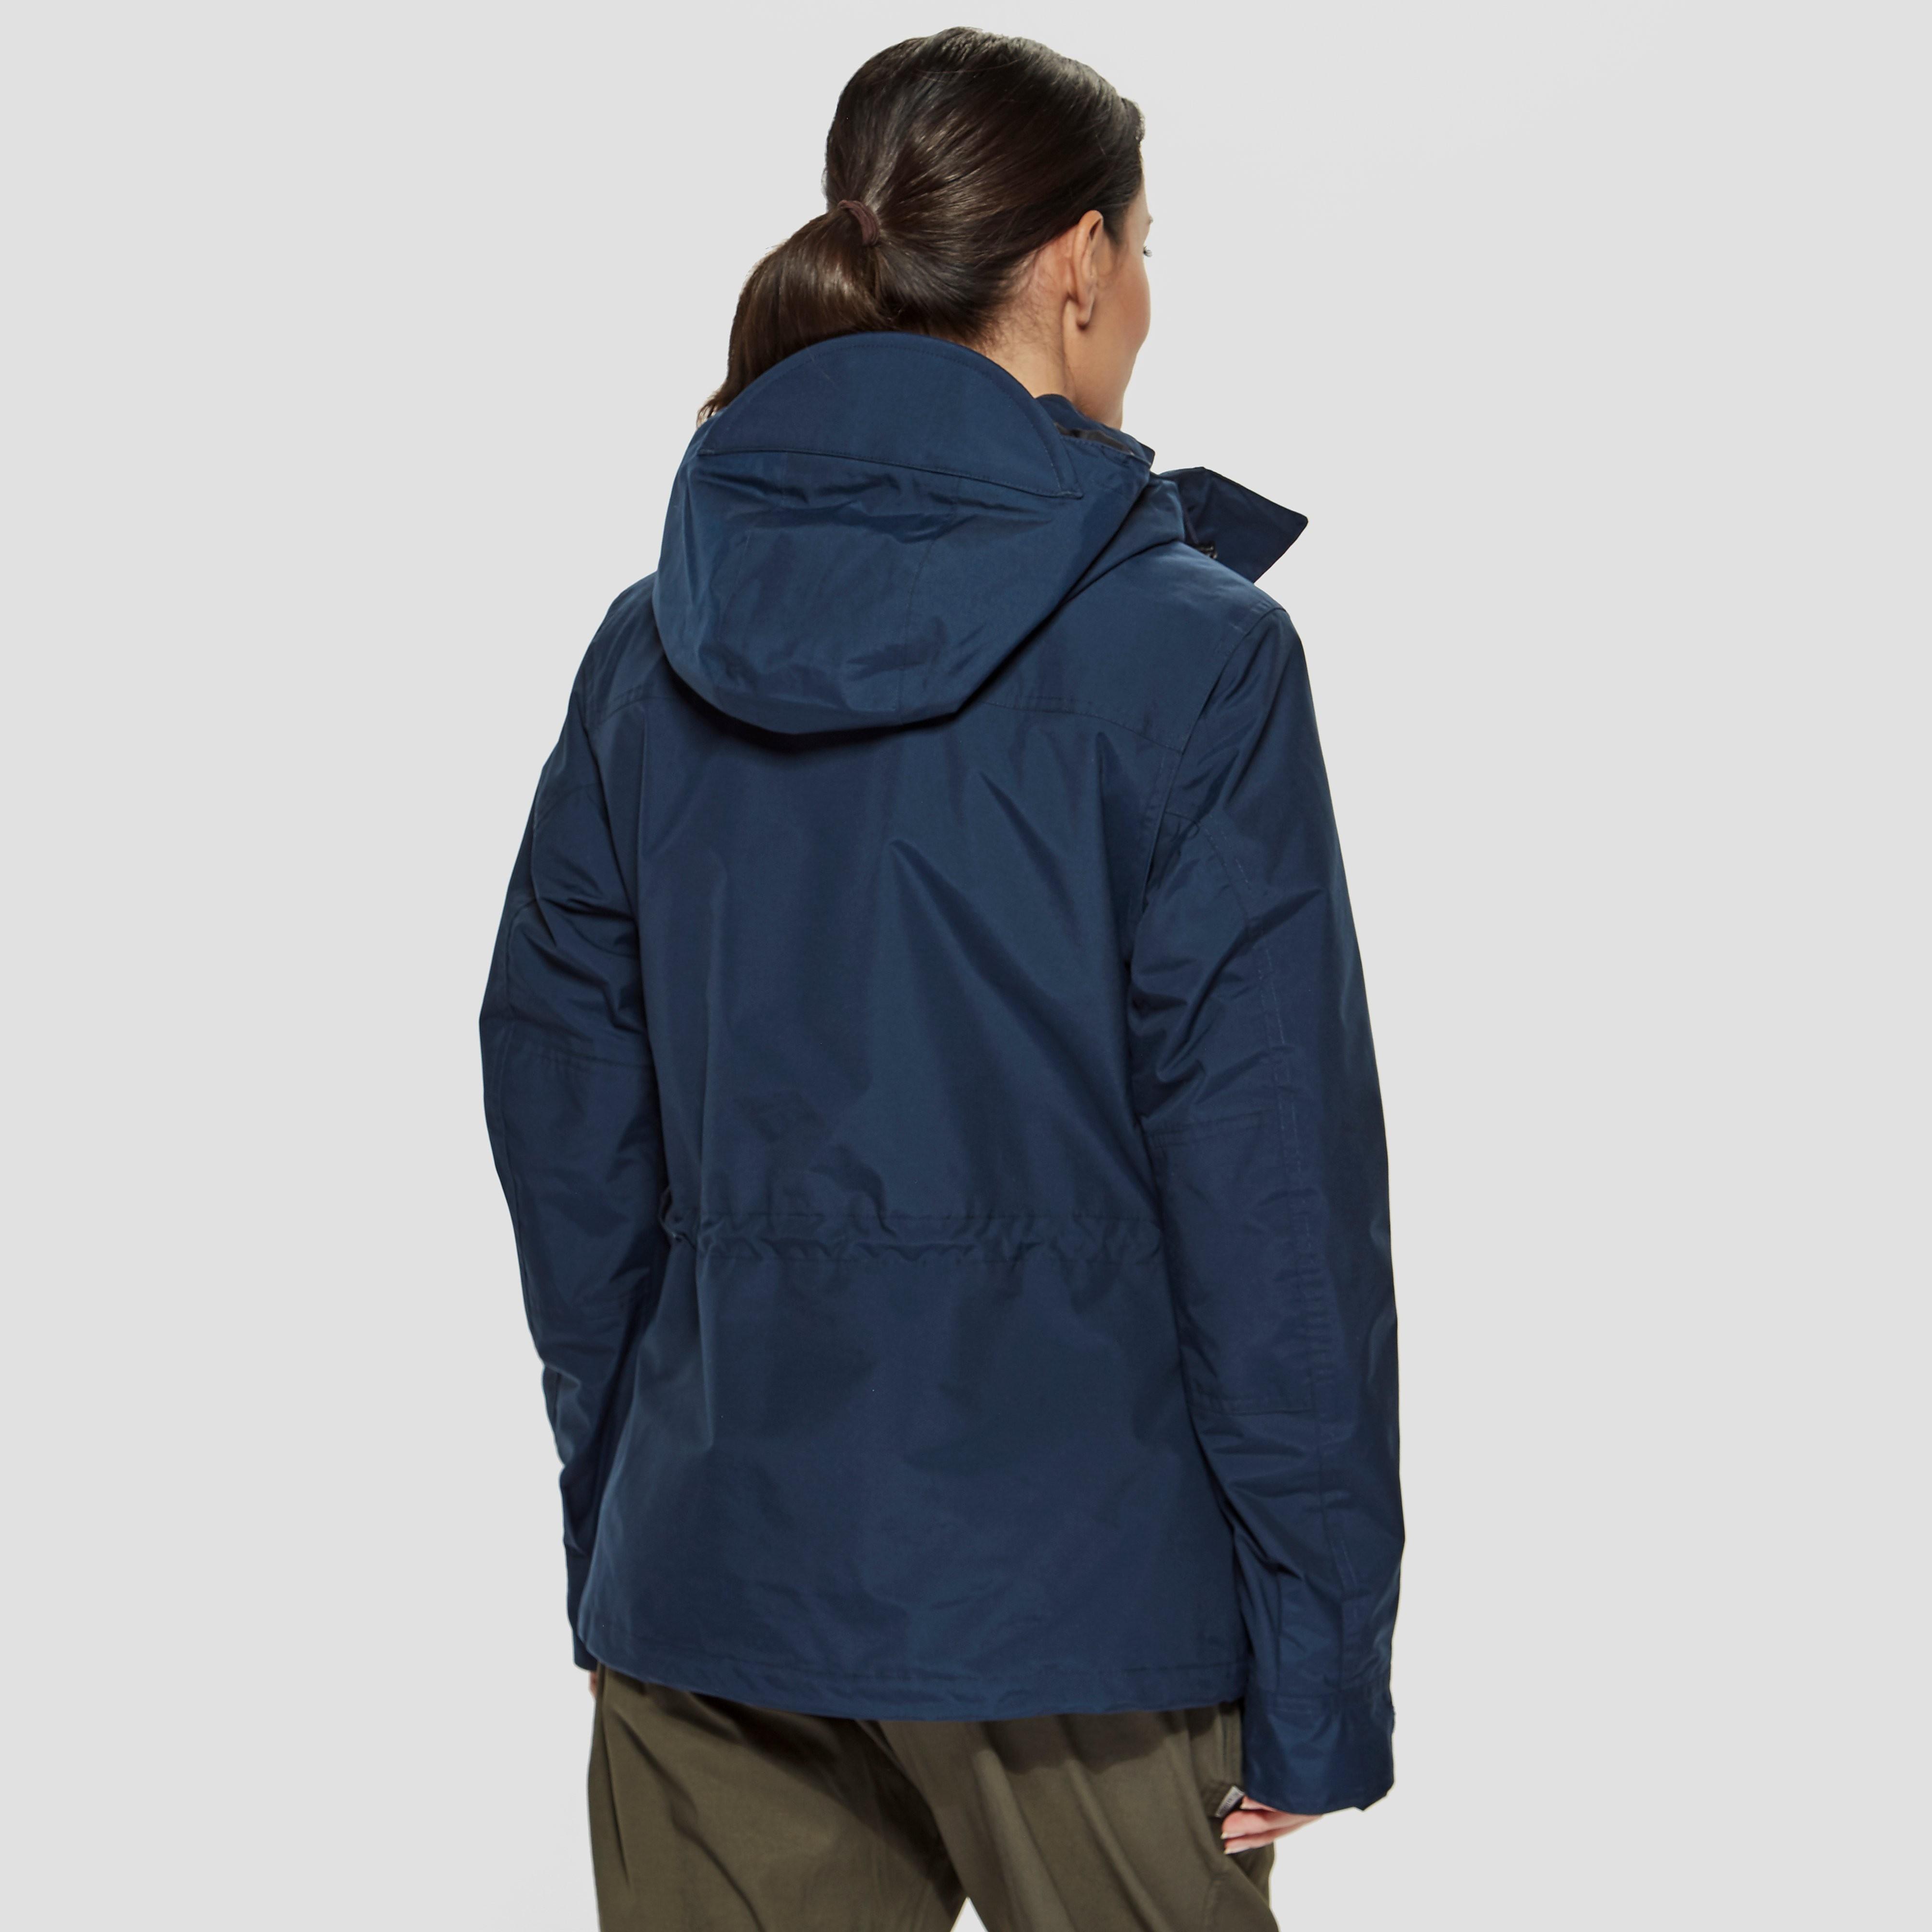 Jack Wolfskin Merlin XT Women's Jacket